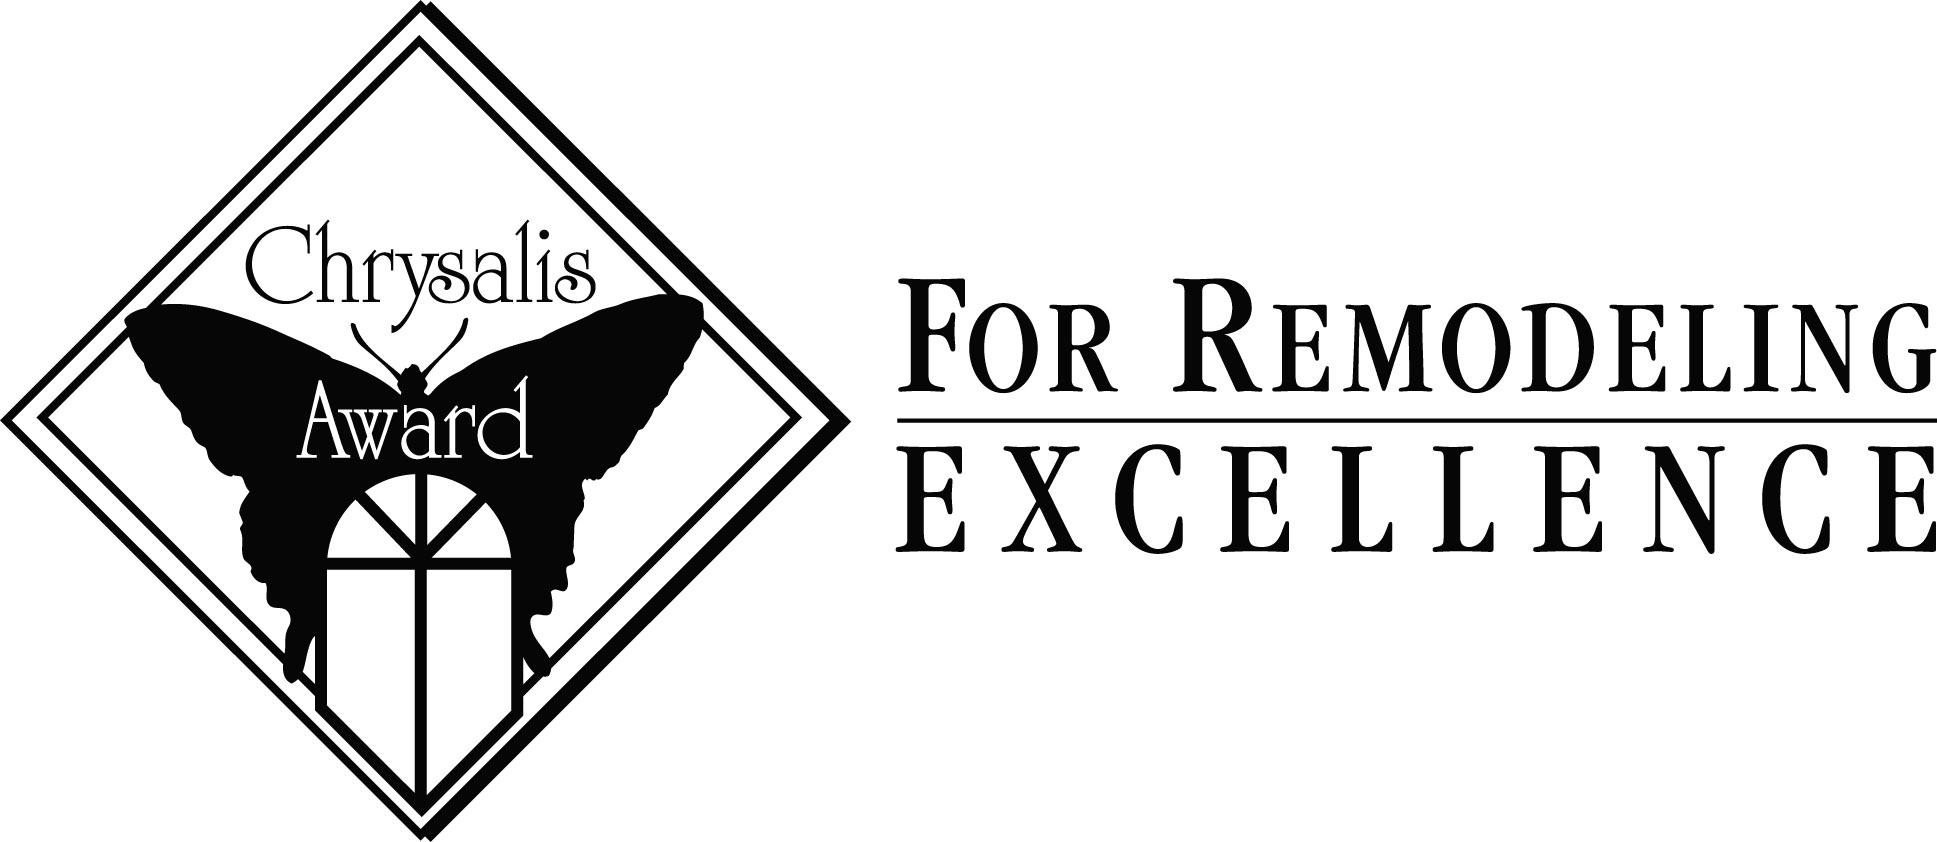 Chrysalis Award for Residential Universal Design